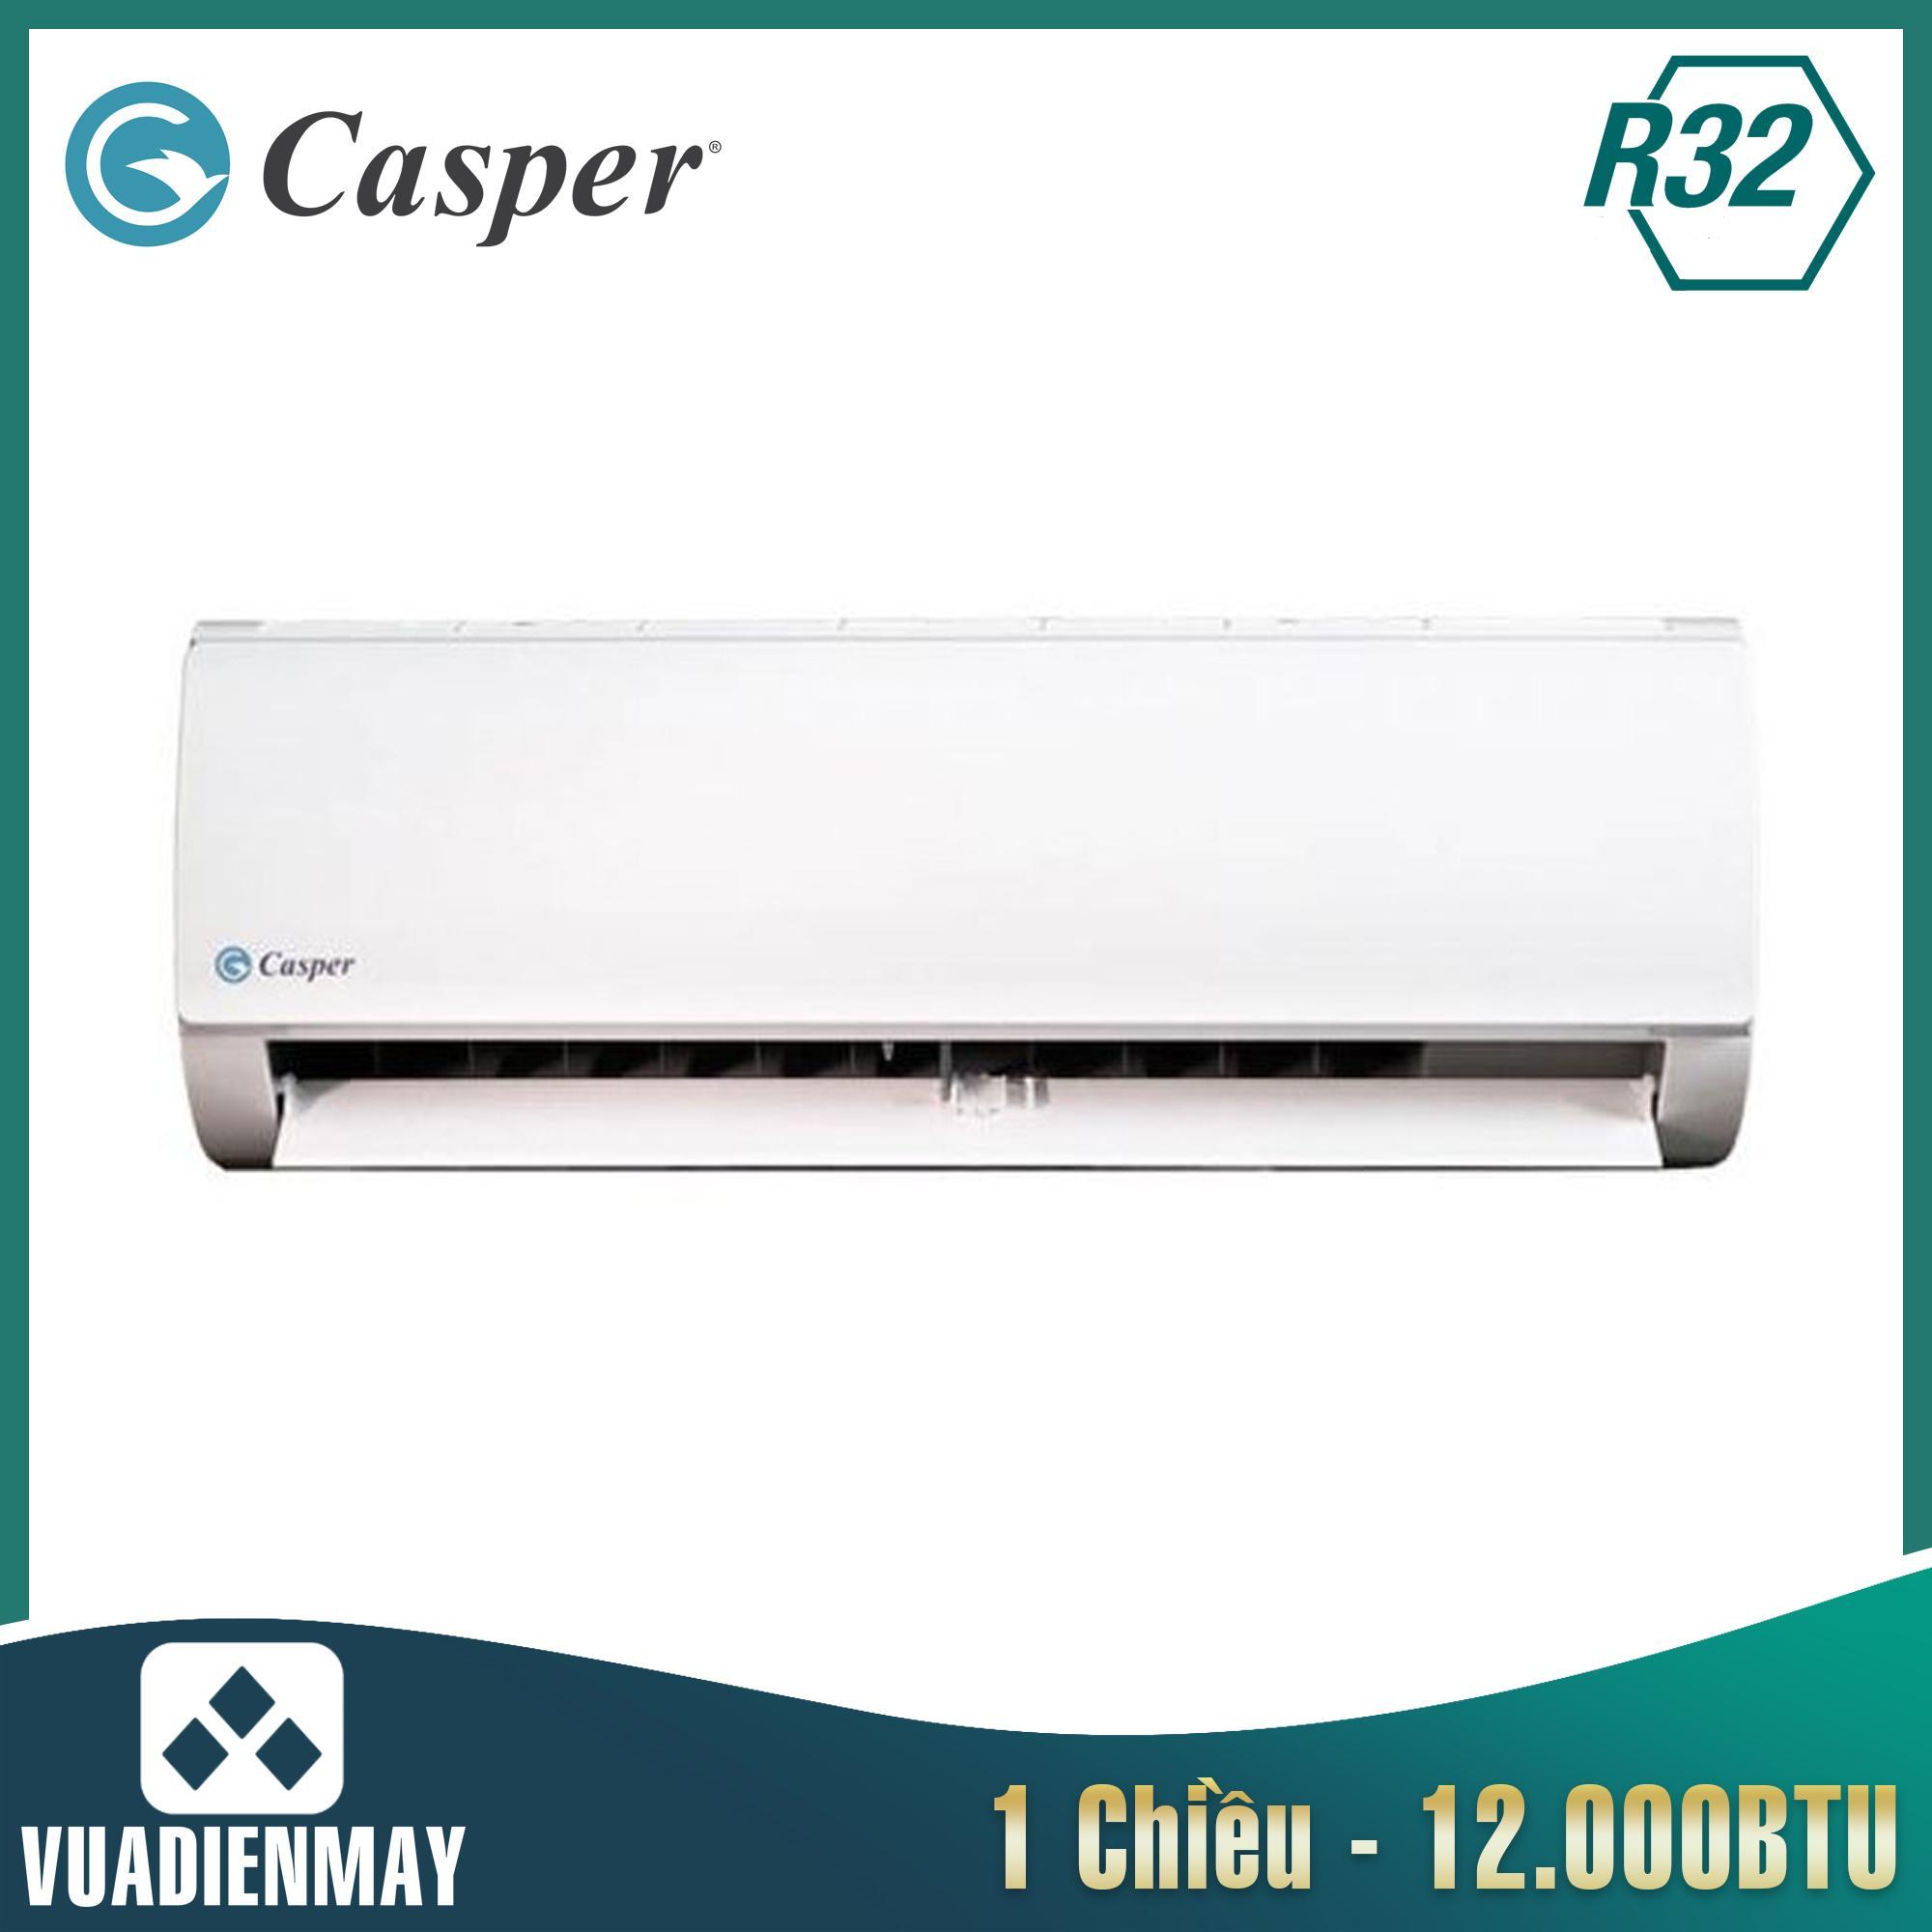 KC12FC32, điều hòa casper 12000btu 1 chiều